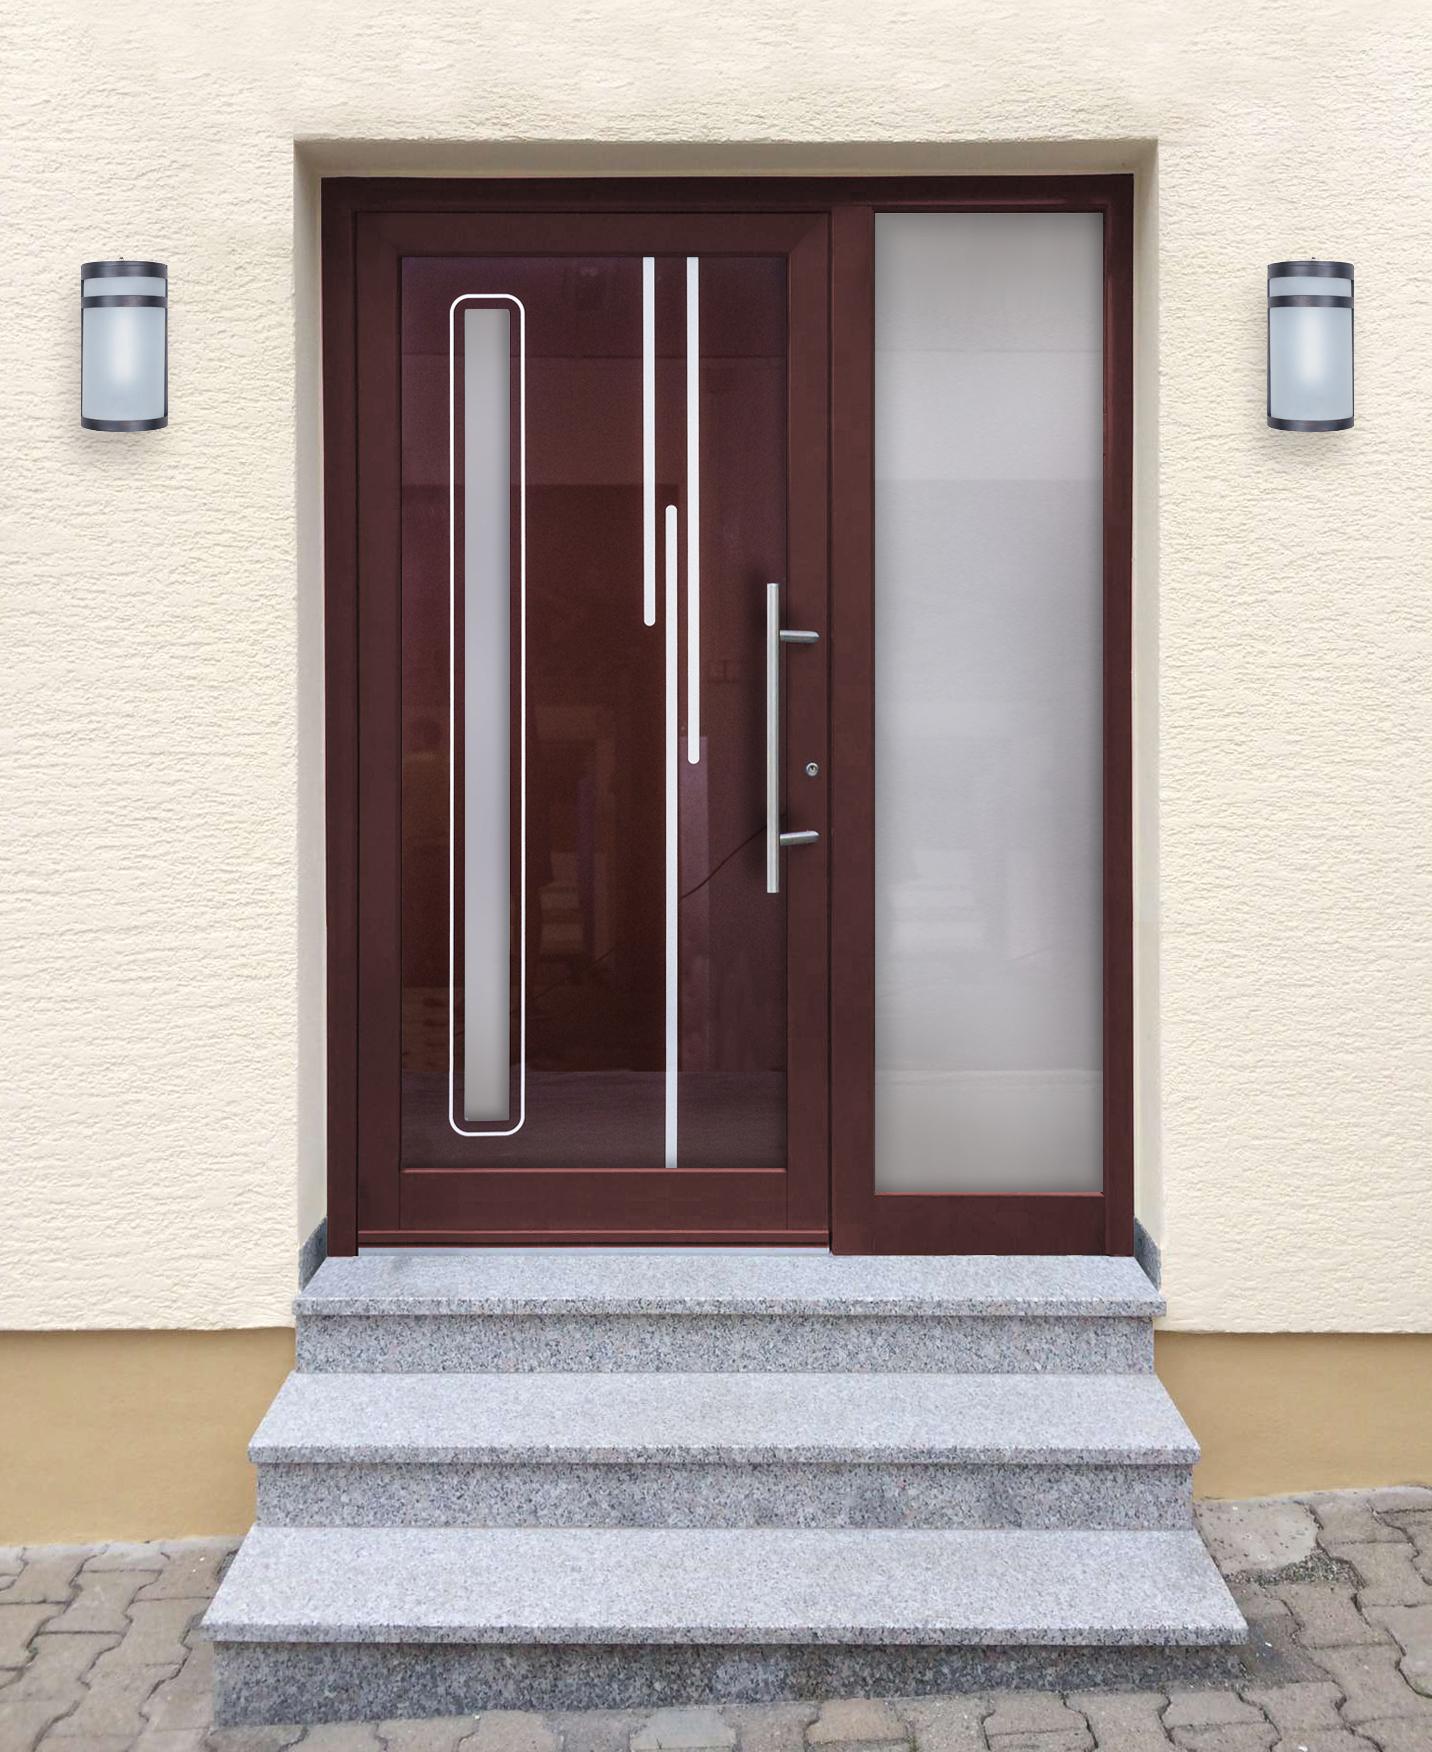 Hliníkové vchodové dvere do domu so sklo-hliníkovou výplňou Evolution